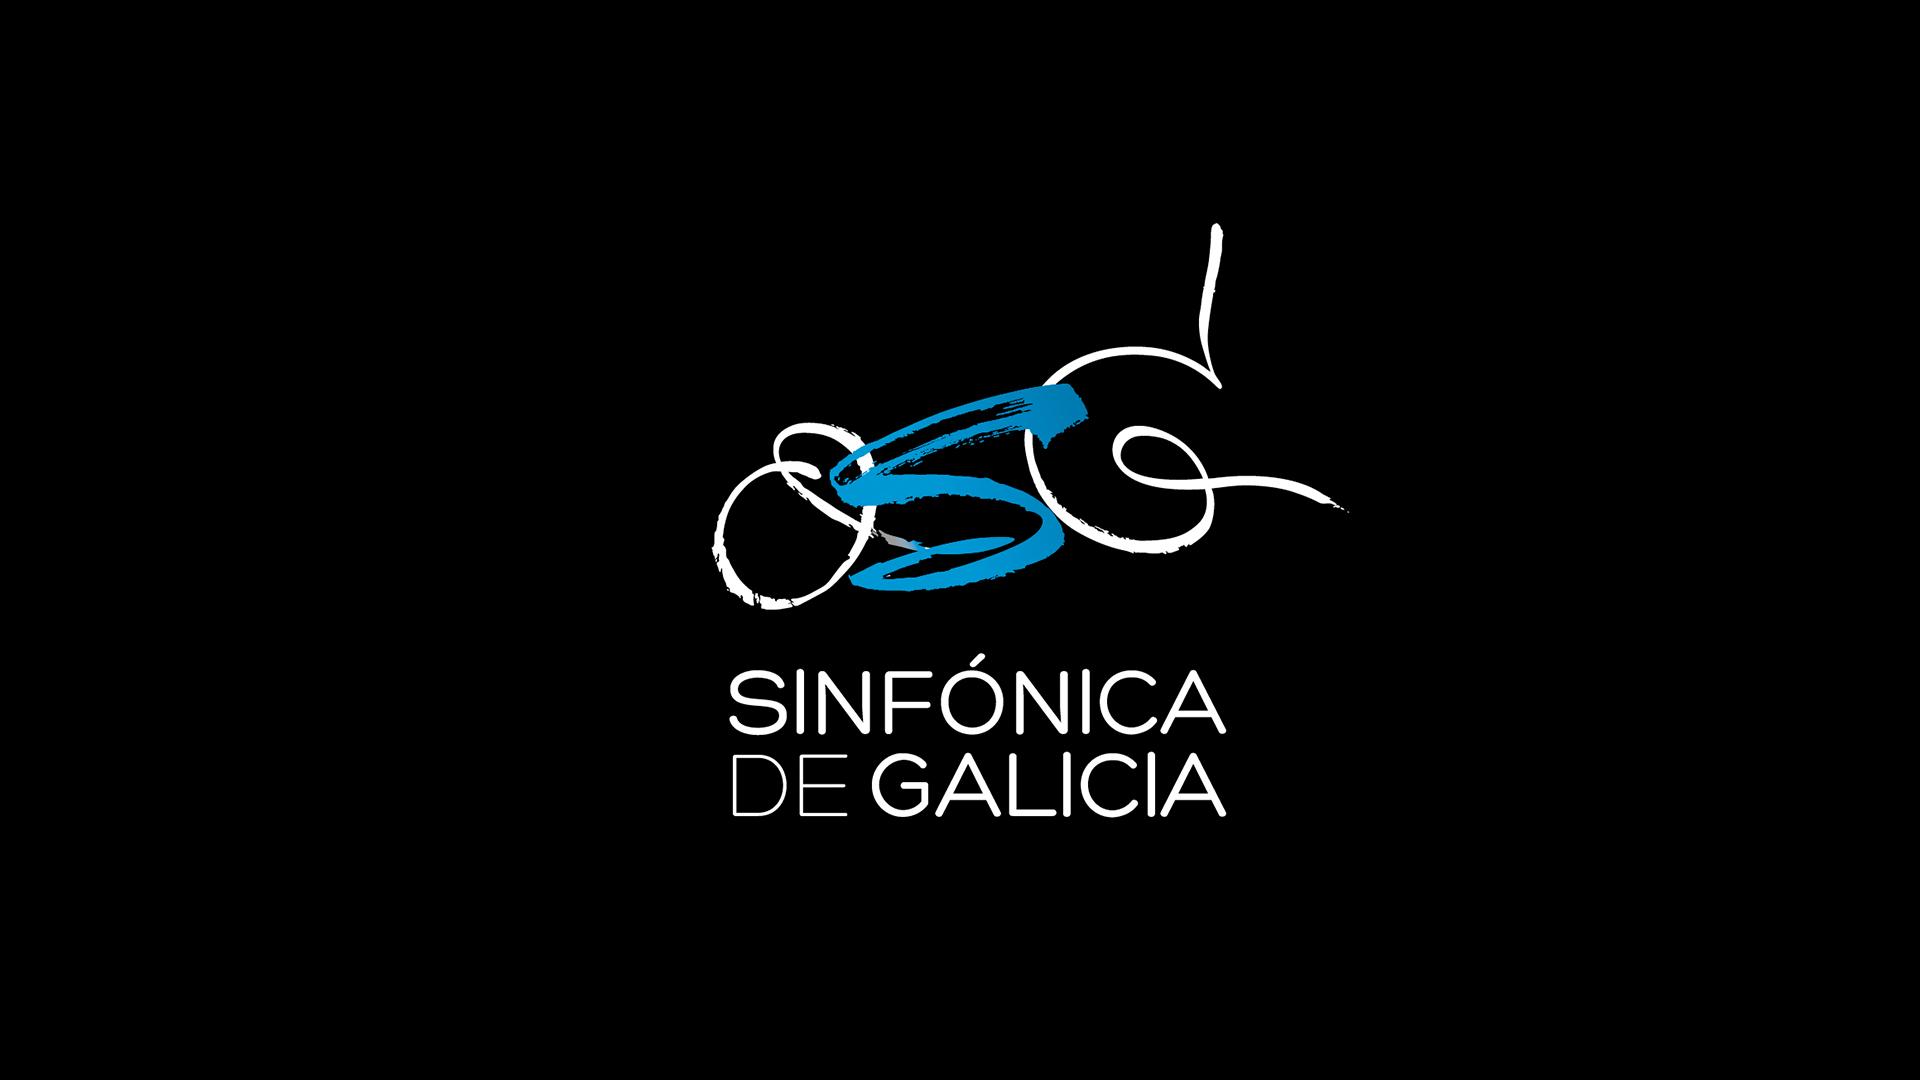 La Orquesta Joven de la Sinfónica de Galicia pone en marcha las pruebas de acceso para el curso 14-15